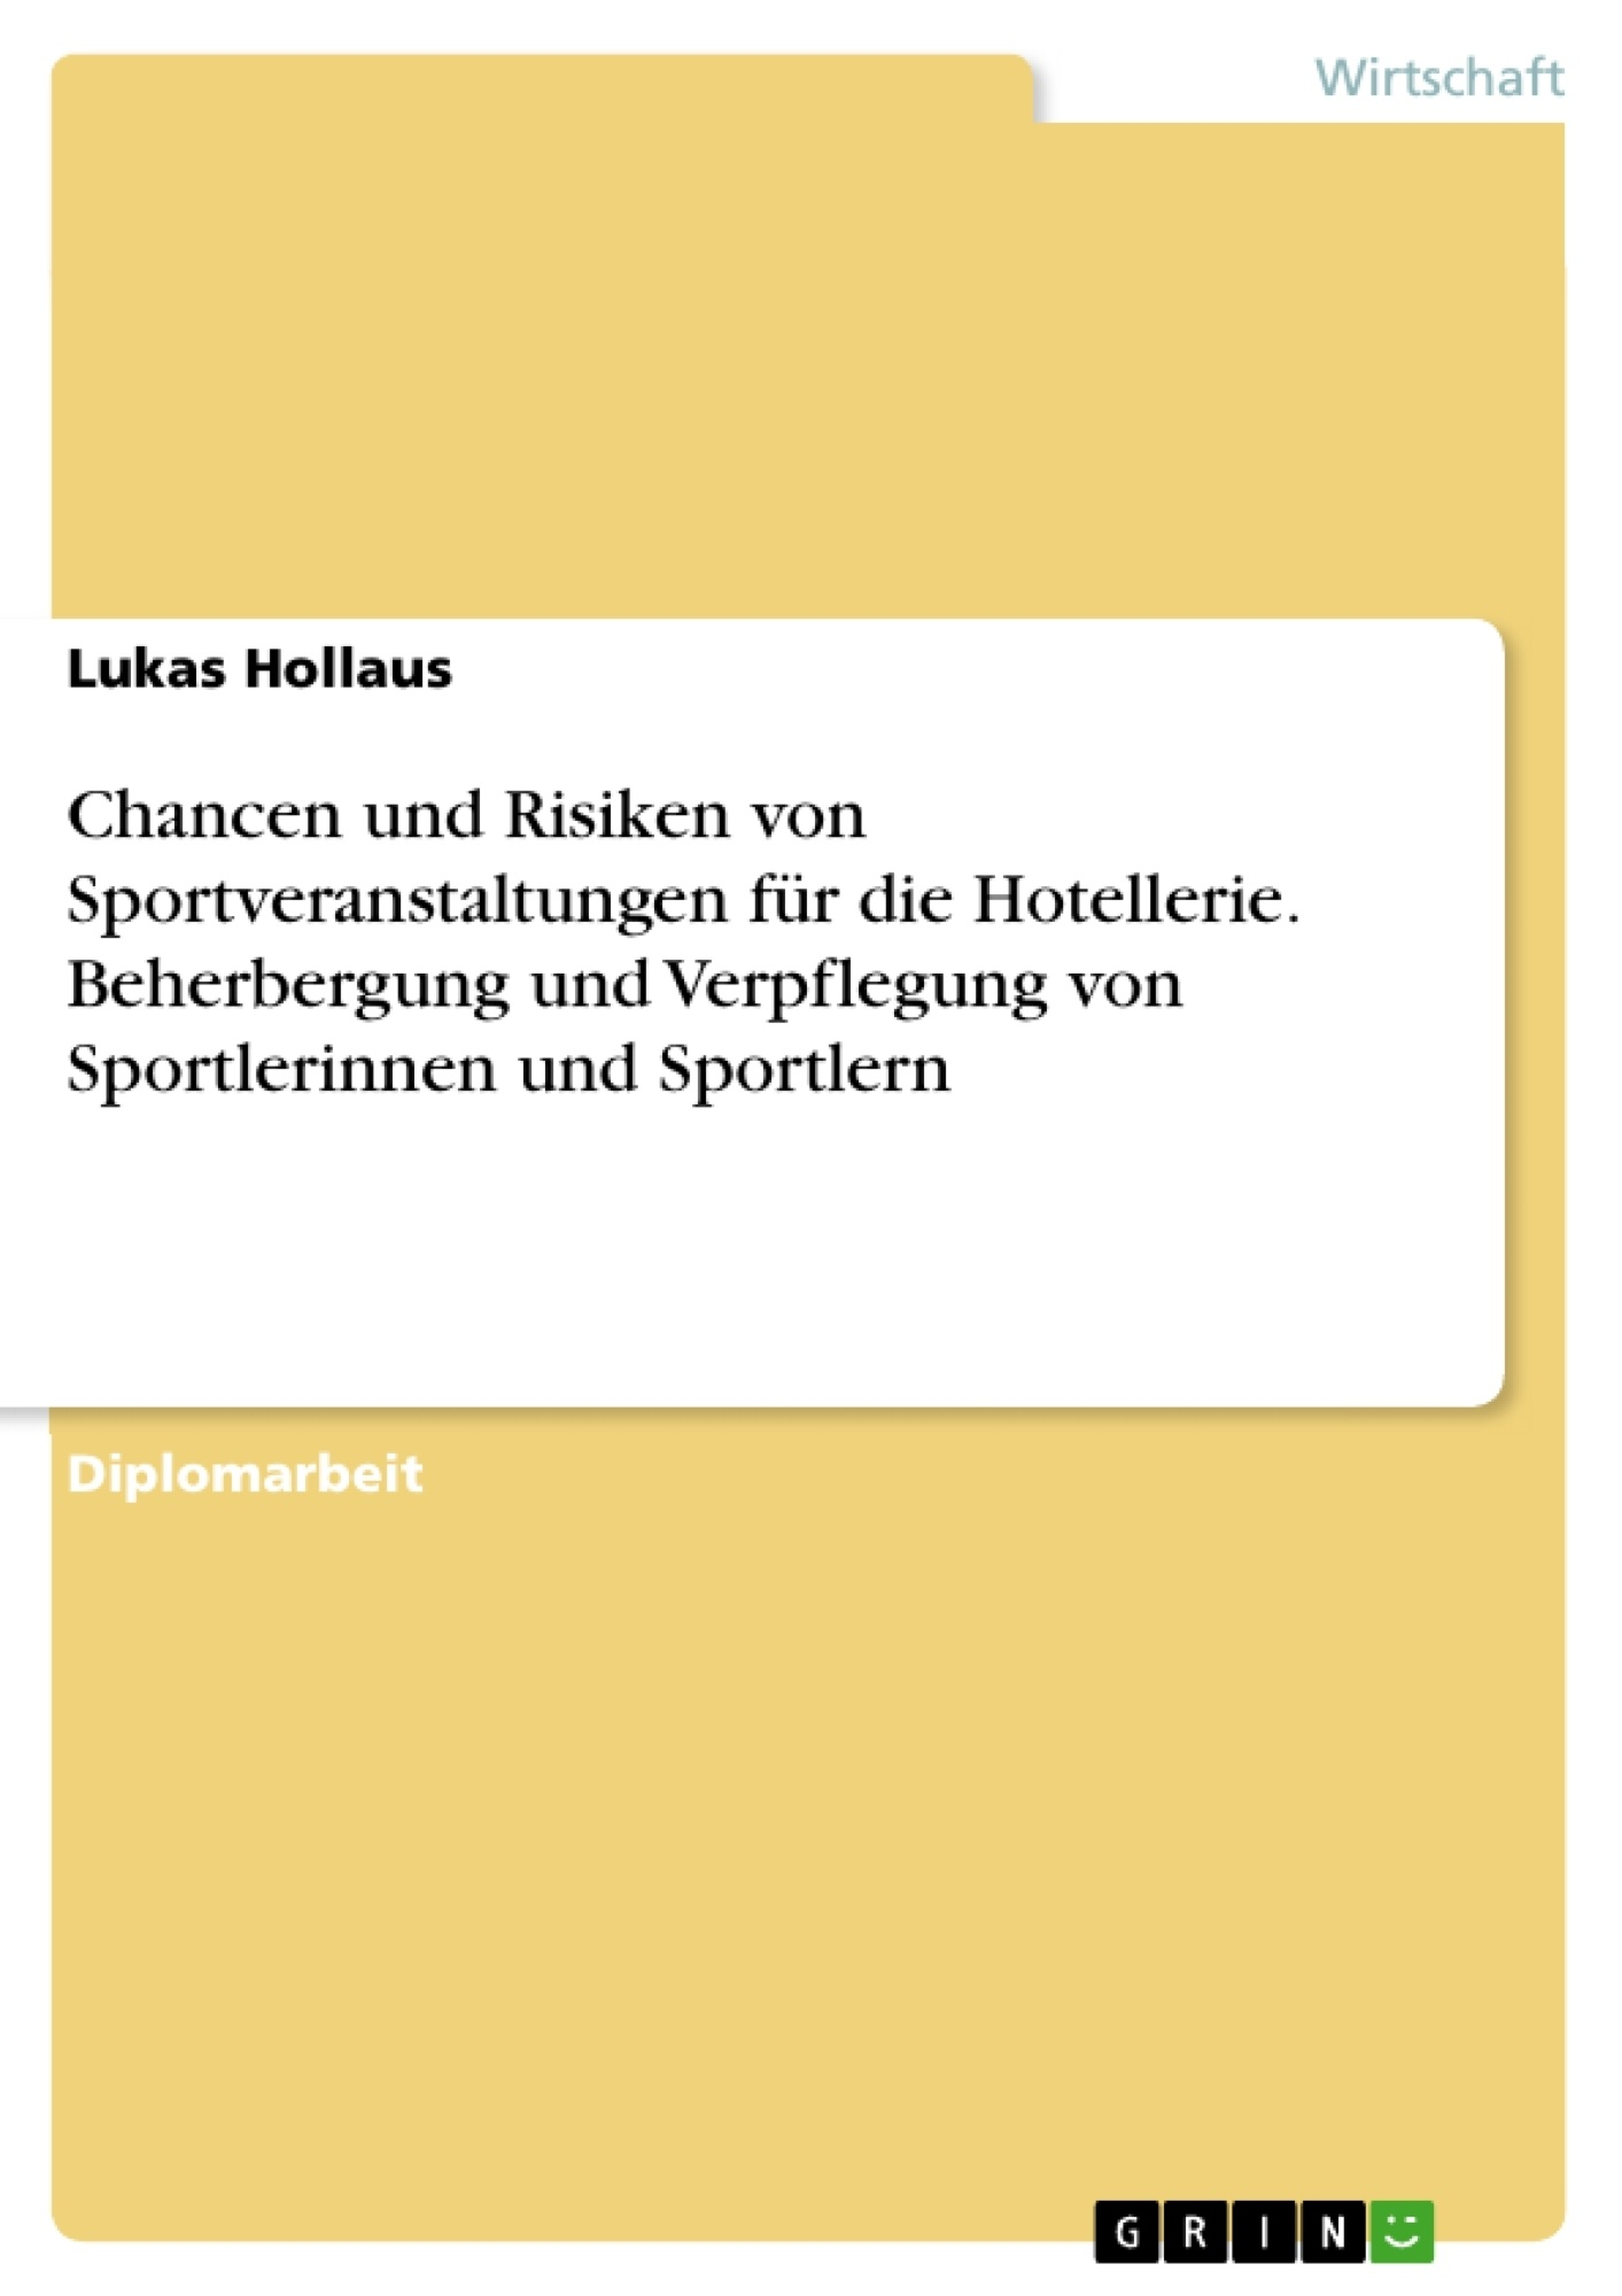 Titel: Chancen und Risiken von Sportveranstaltungen für die Hotellerie. Beherbergung und Verpflegung von Sportlerinnen und Sportlern